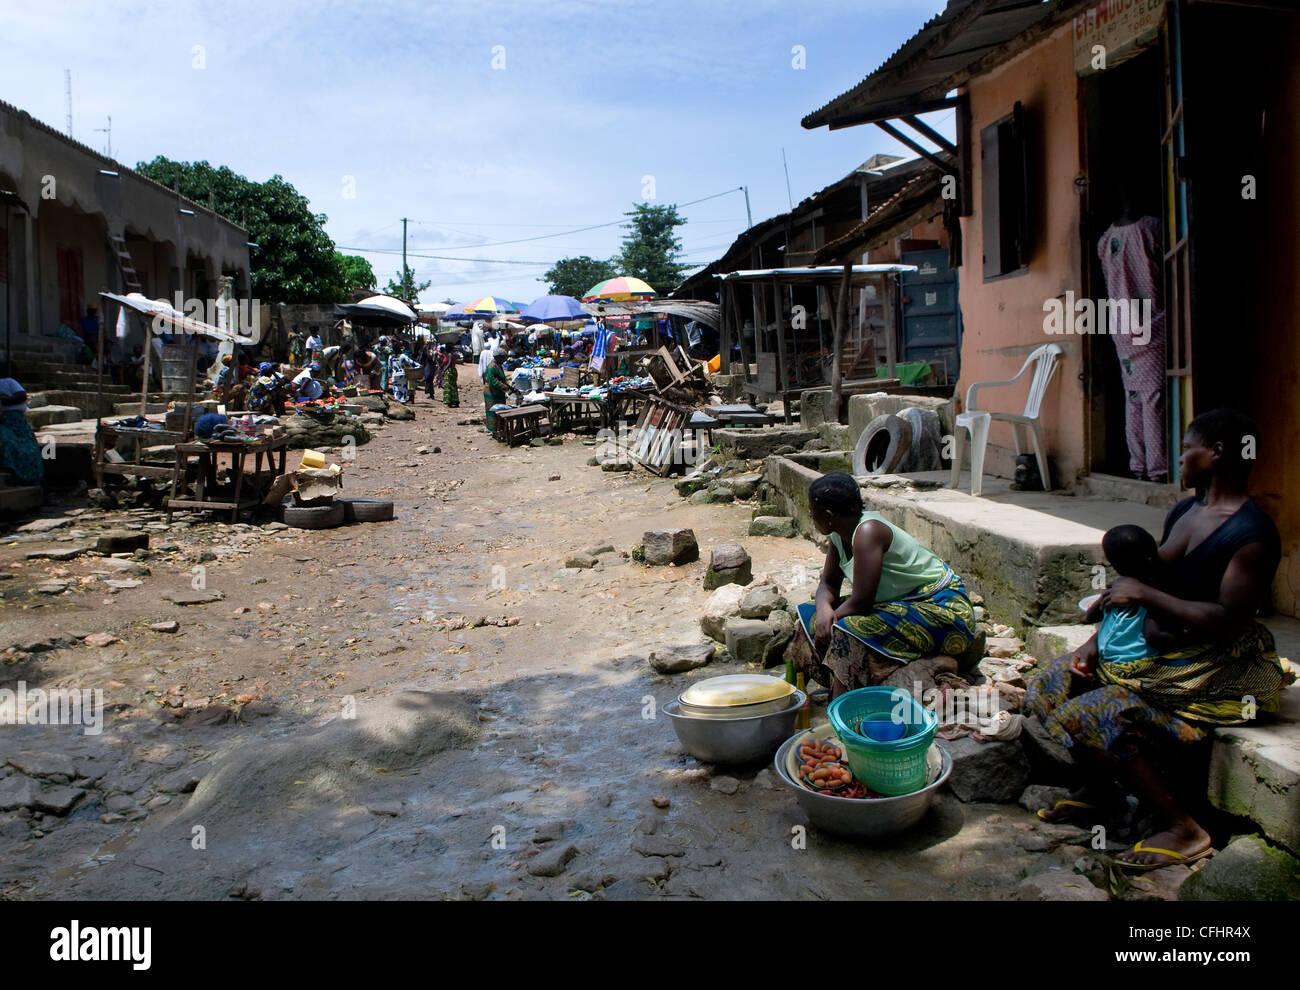 Market scenes in Kara, Togo. - Stock Image